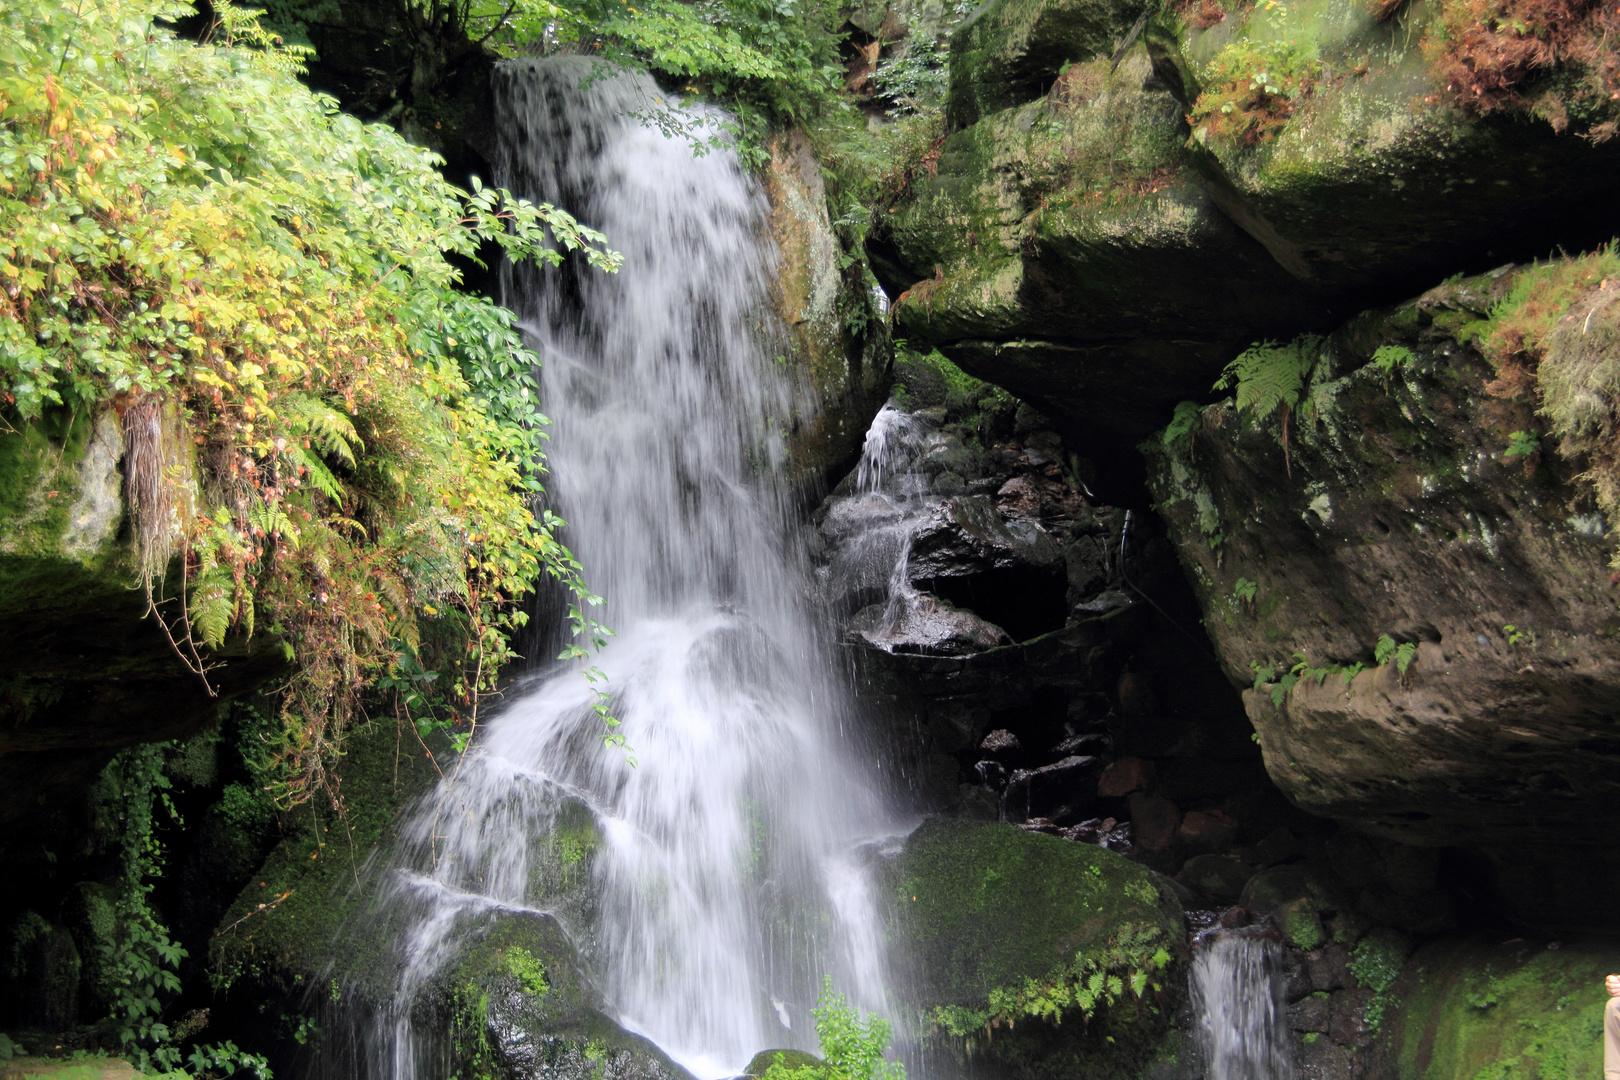 Lichtenhainer Wasserfälle